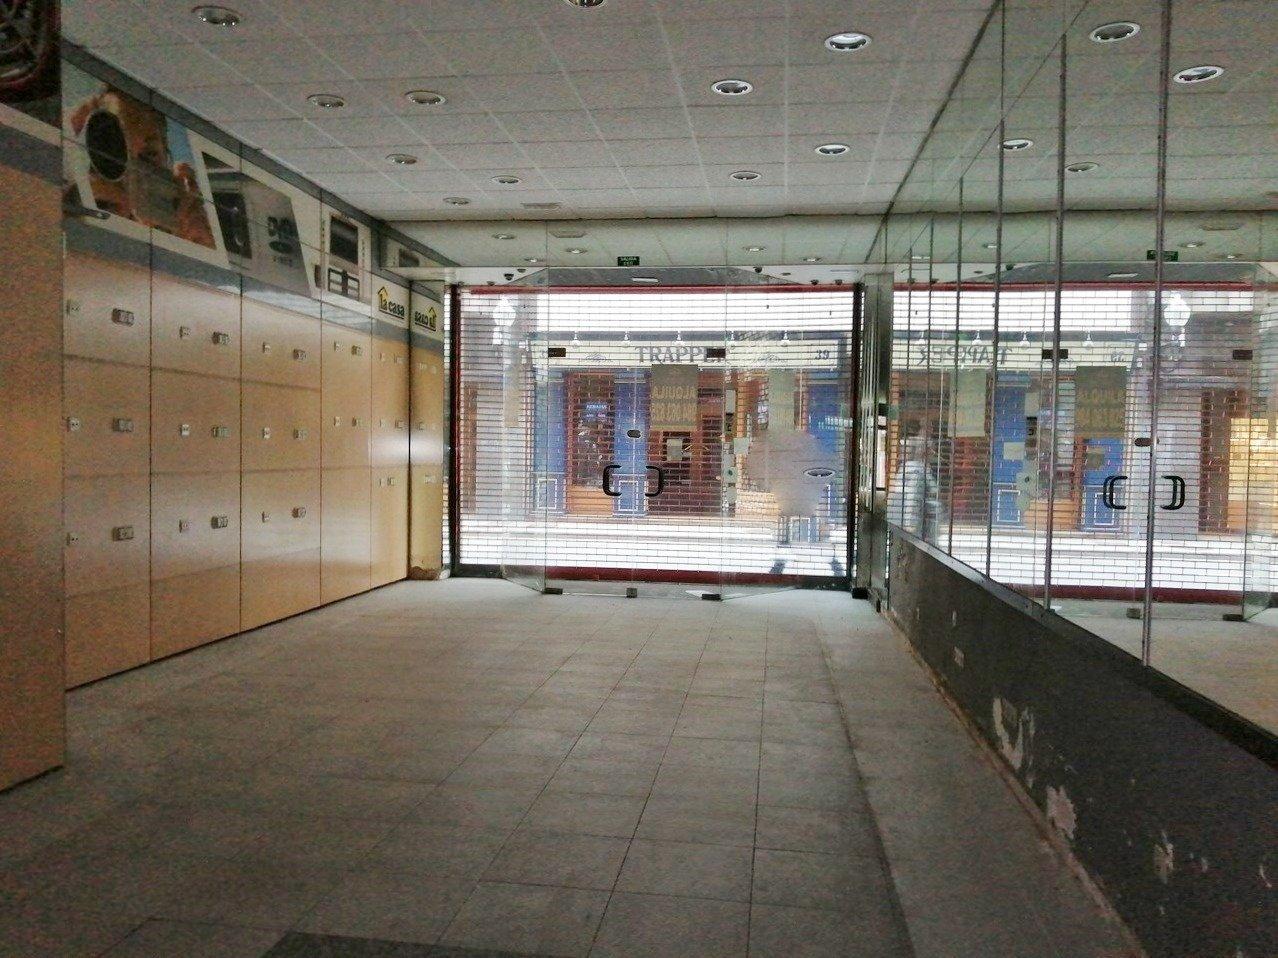 Lado plaza del parchis, escaparate a dos calles - imagenInmueble1